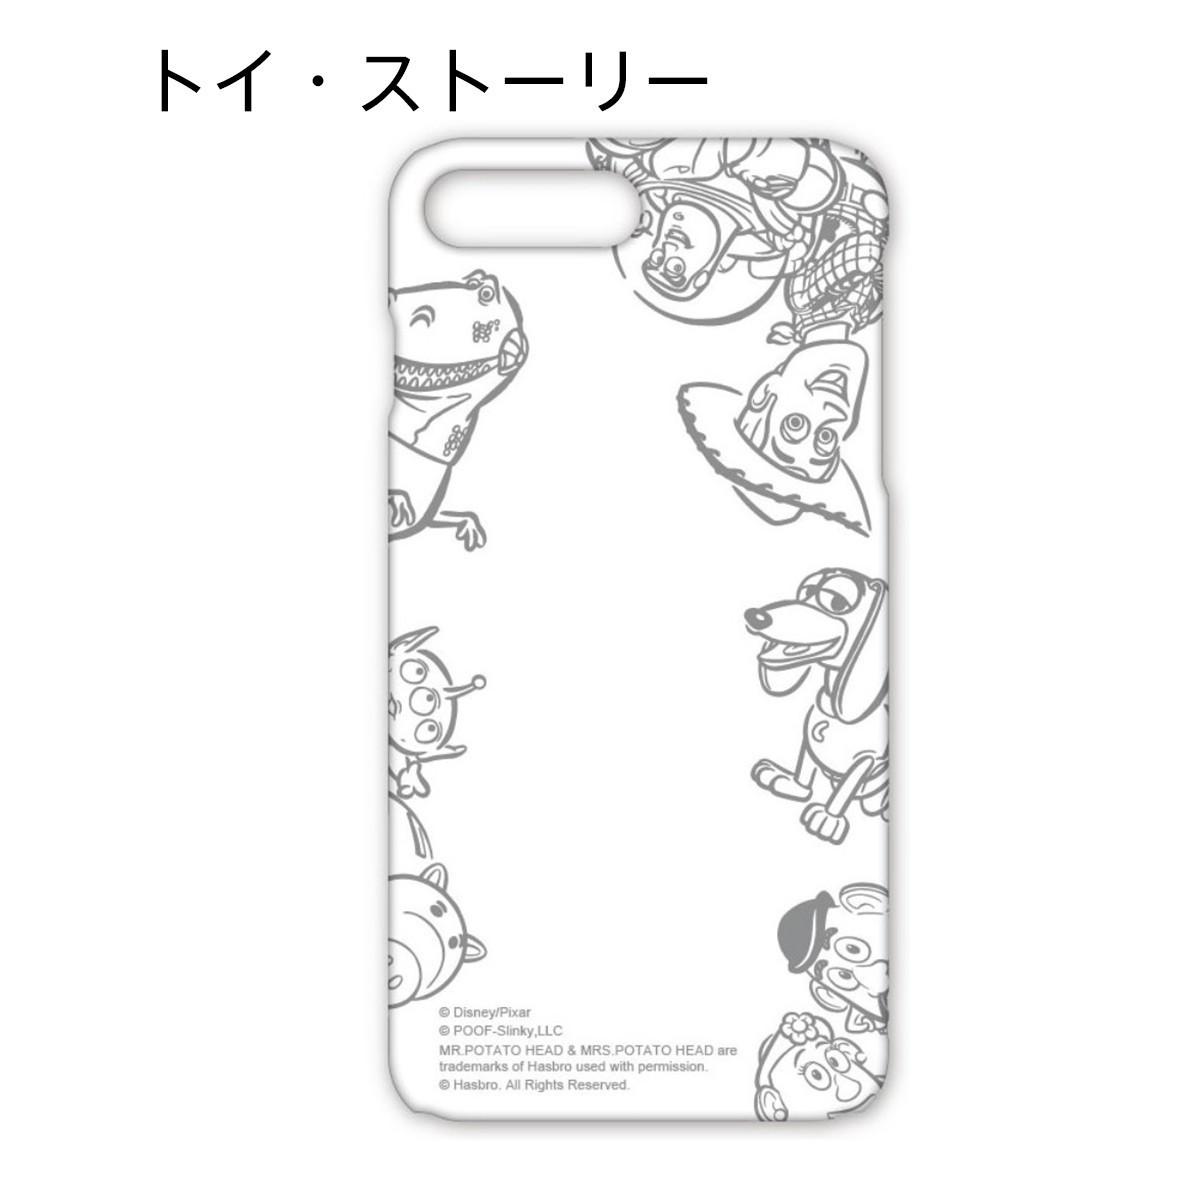 グルマンディーズ iPhone 7 Plus用 ディズニーキャラクター ハードケース ドナルドダック DN-389Aの商品画像|3